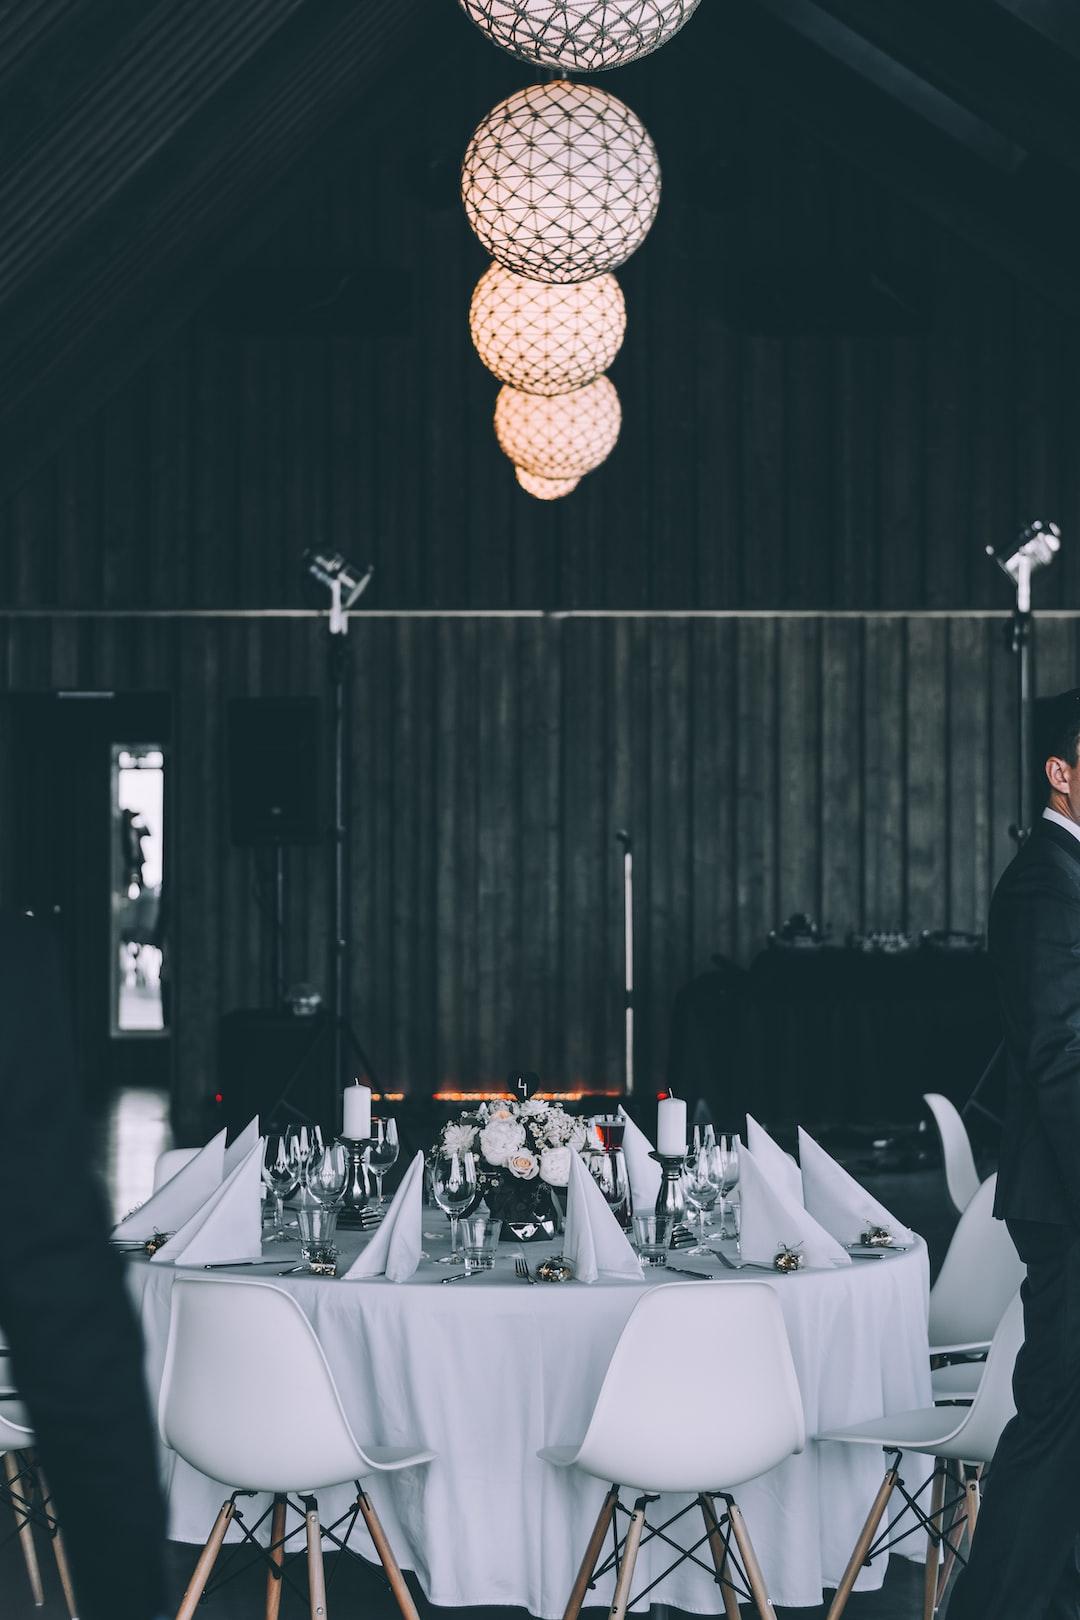 White set table